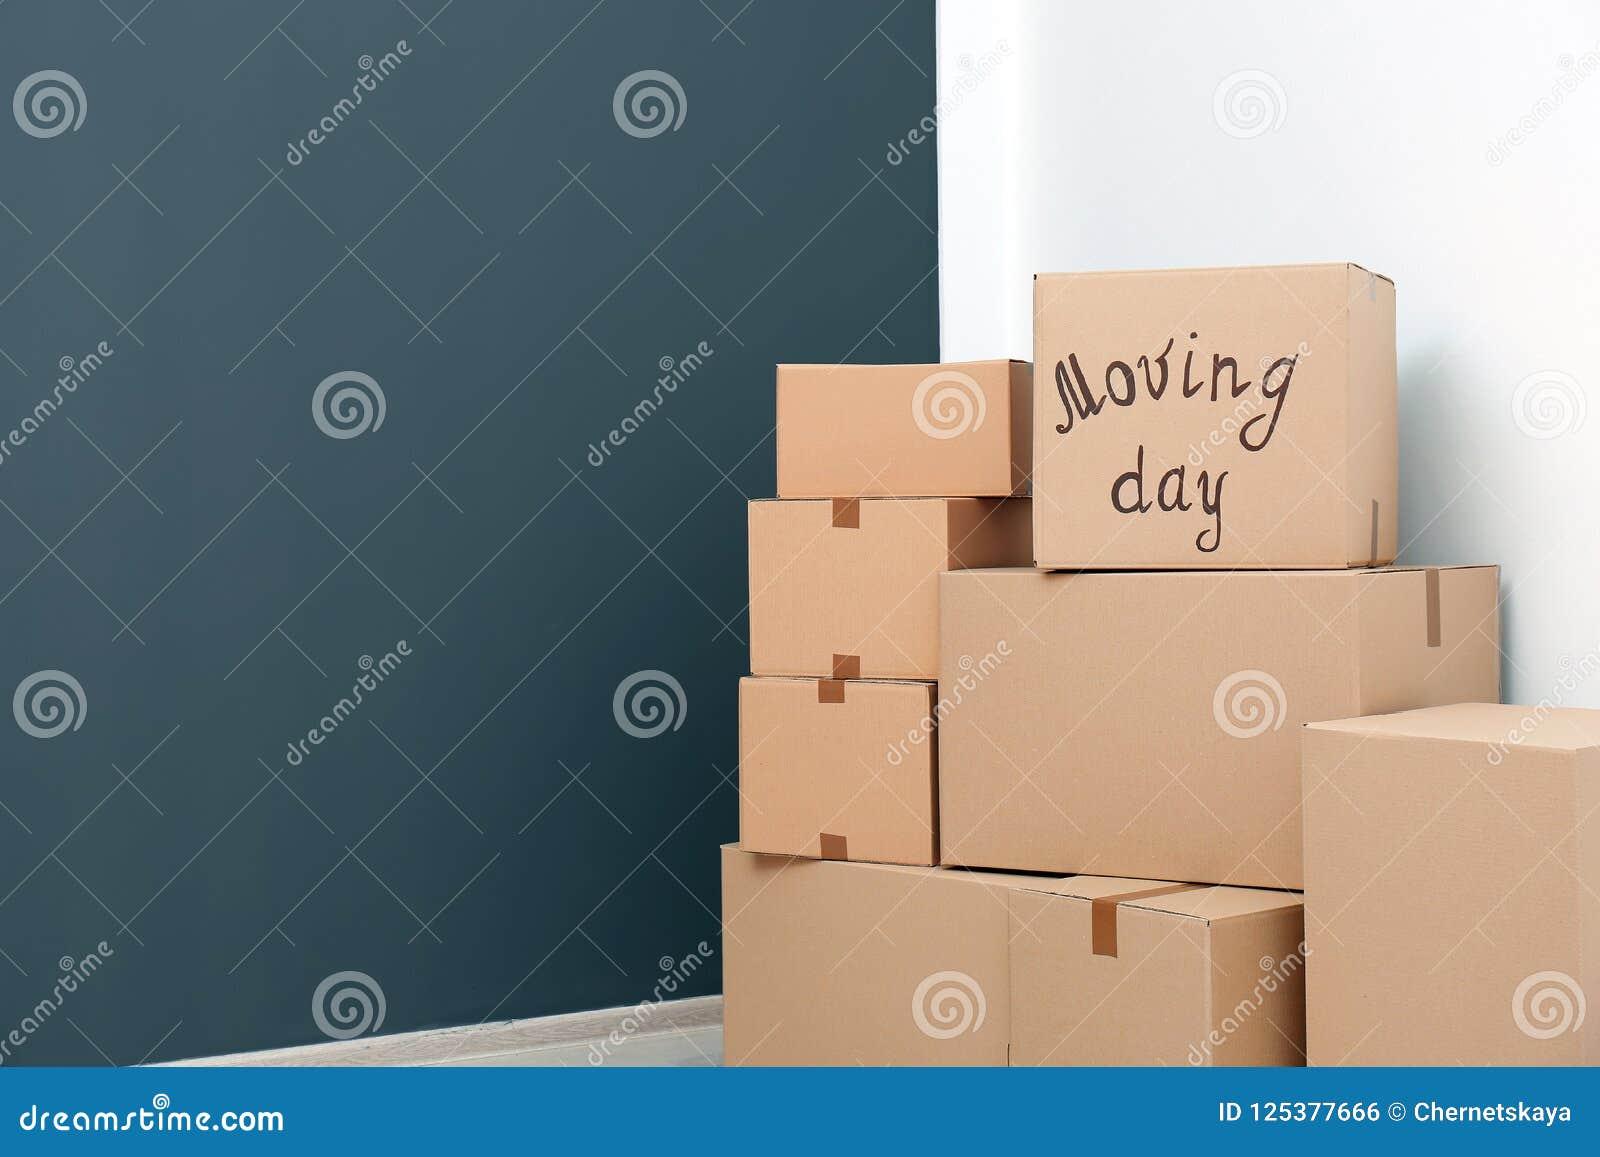 Pila de cajas móviles